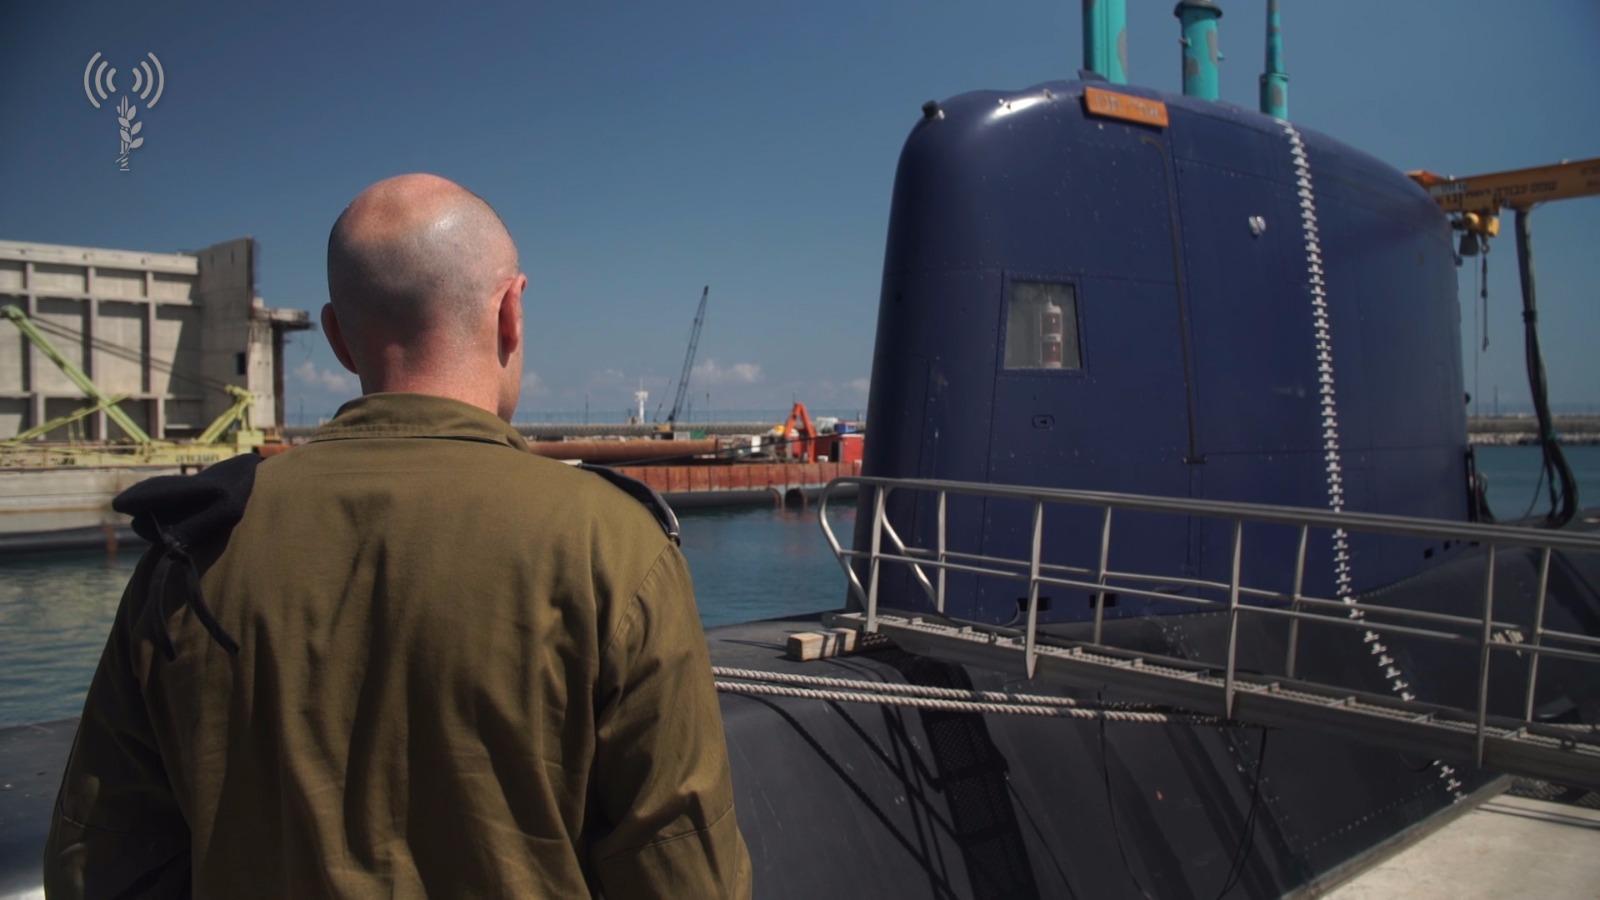 המפלצת הימית: צפו בניסוי מערכת הטורפדו החדשה